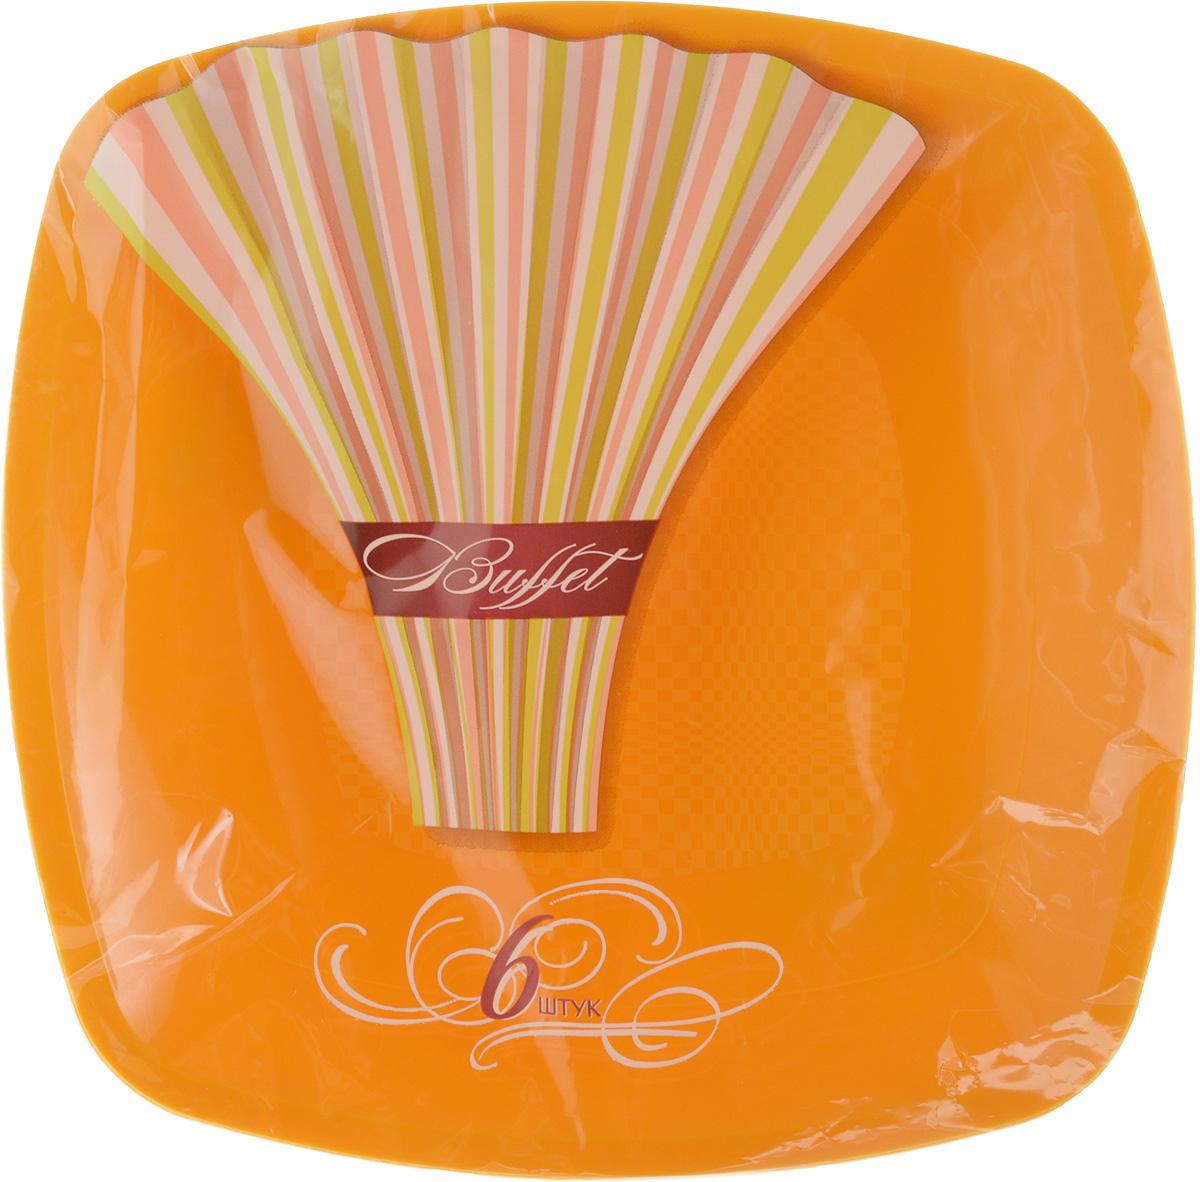 Набор одноразовых тарелок Buffet, цвет: оранжевый, 18 х 18 см, 6 шт набор одноразовых стаканов buffet biсolor цвет оранжевый желтый 200 мл 6 шт